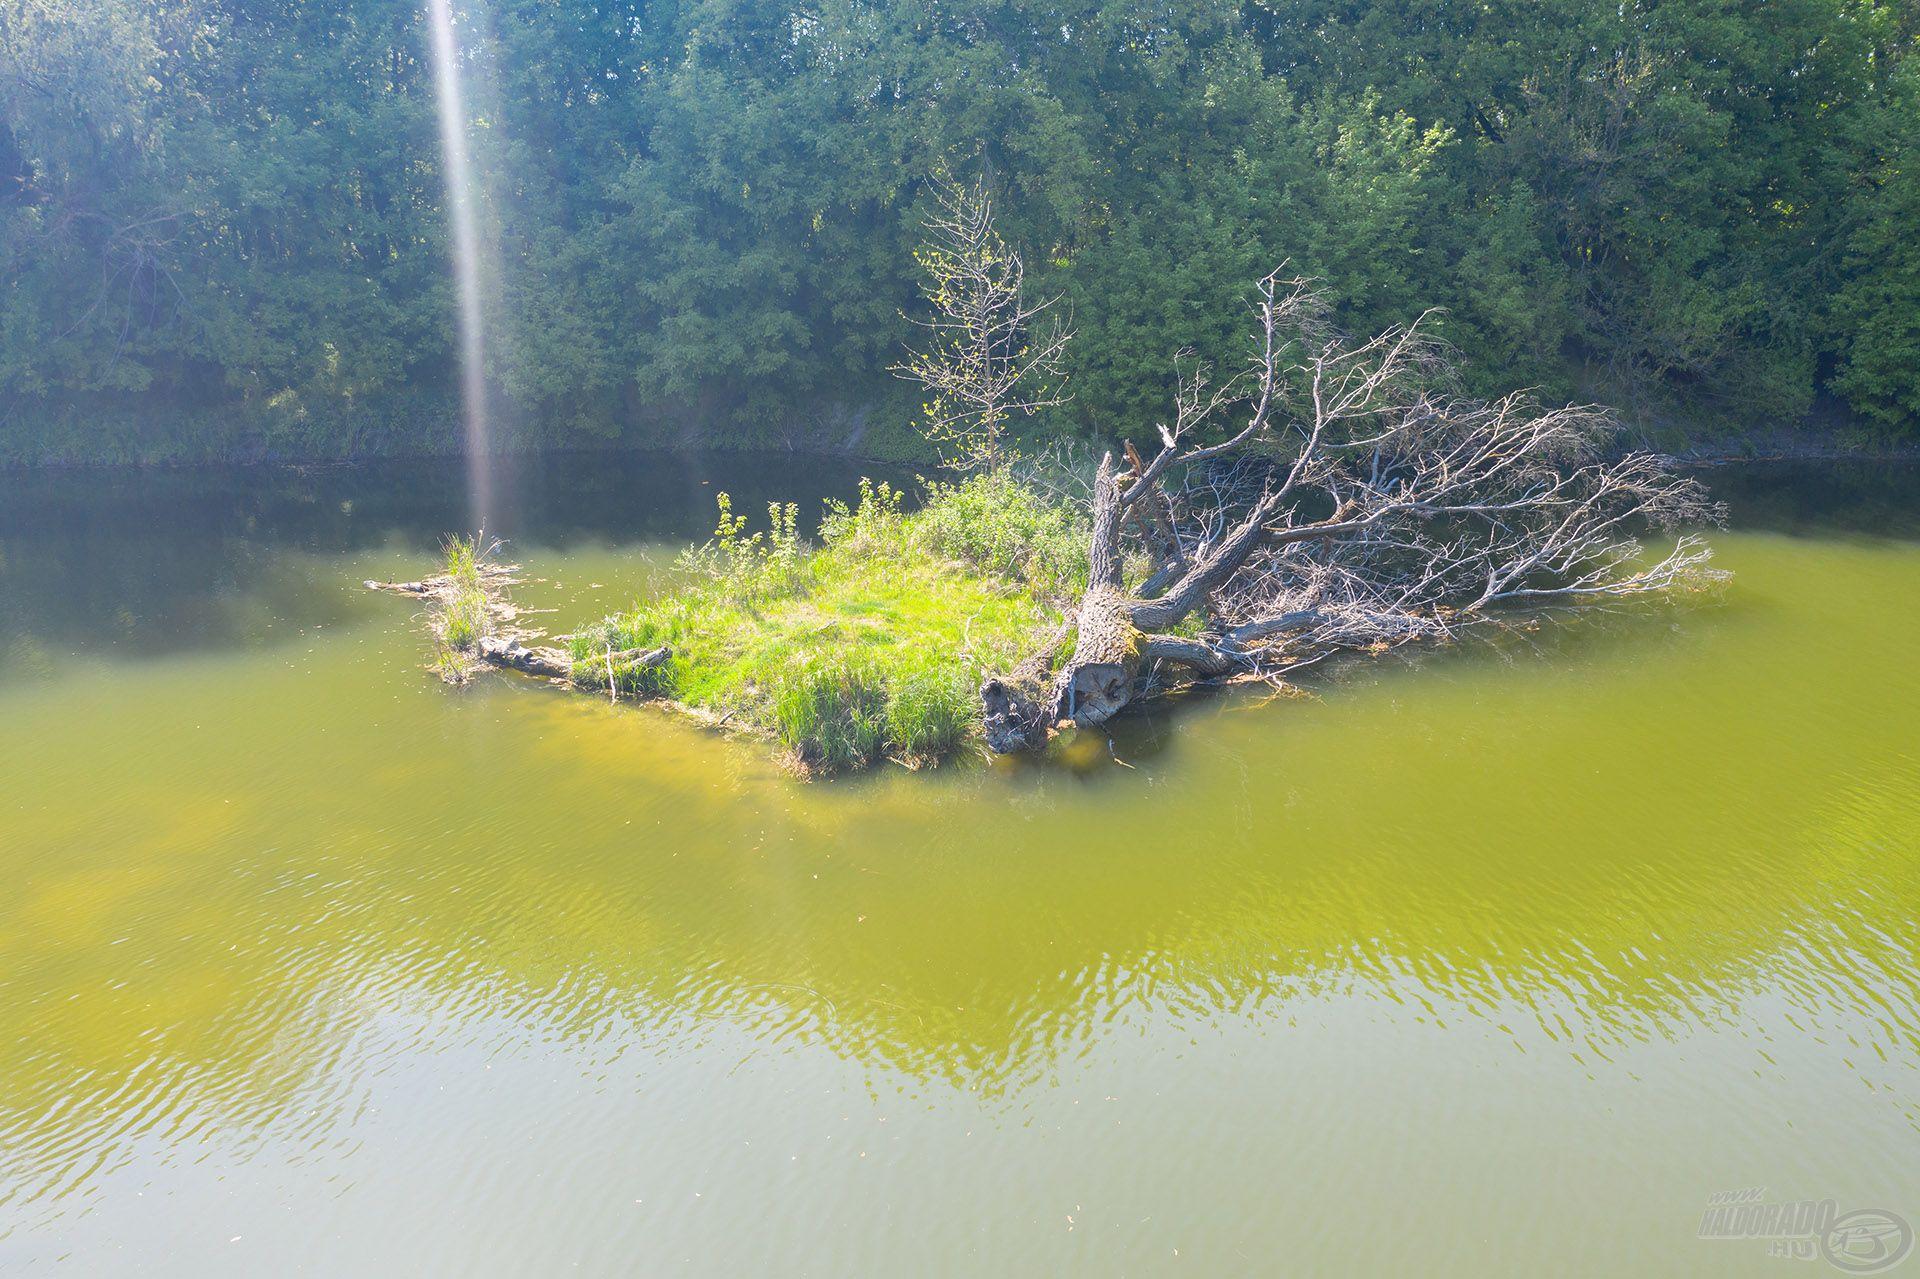 Ahogy a nap megvilágította a túlparti sekély vizet, az addig aktív pontyok biztonságosabb, mélyebb vizek felé vették az irányt